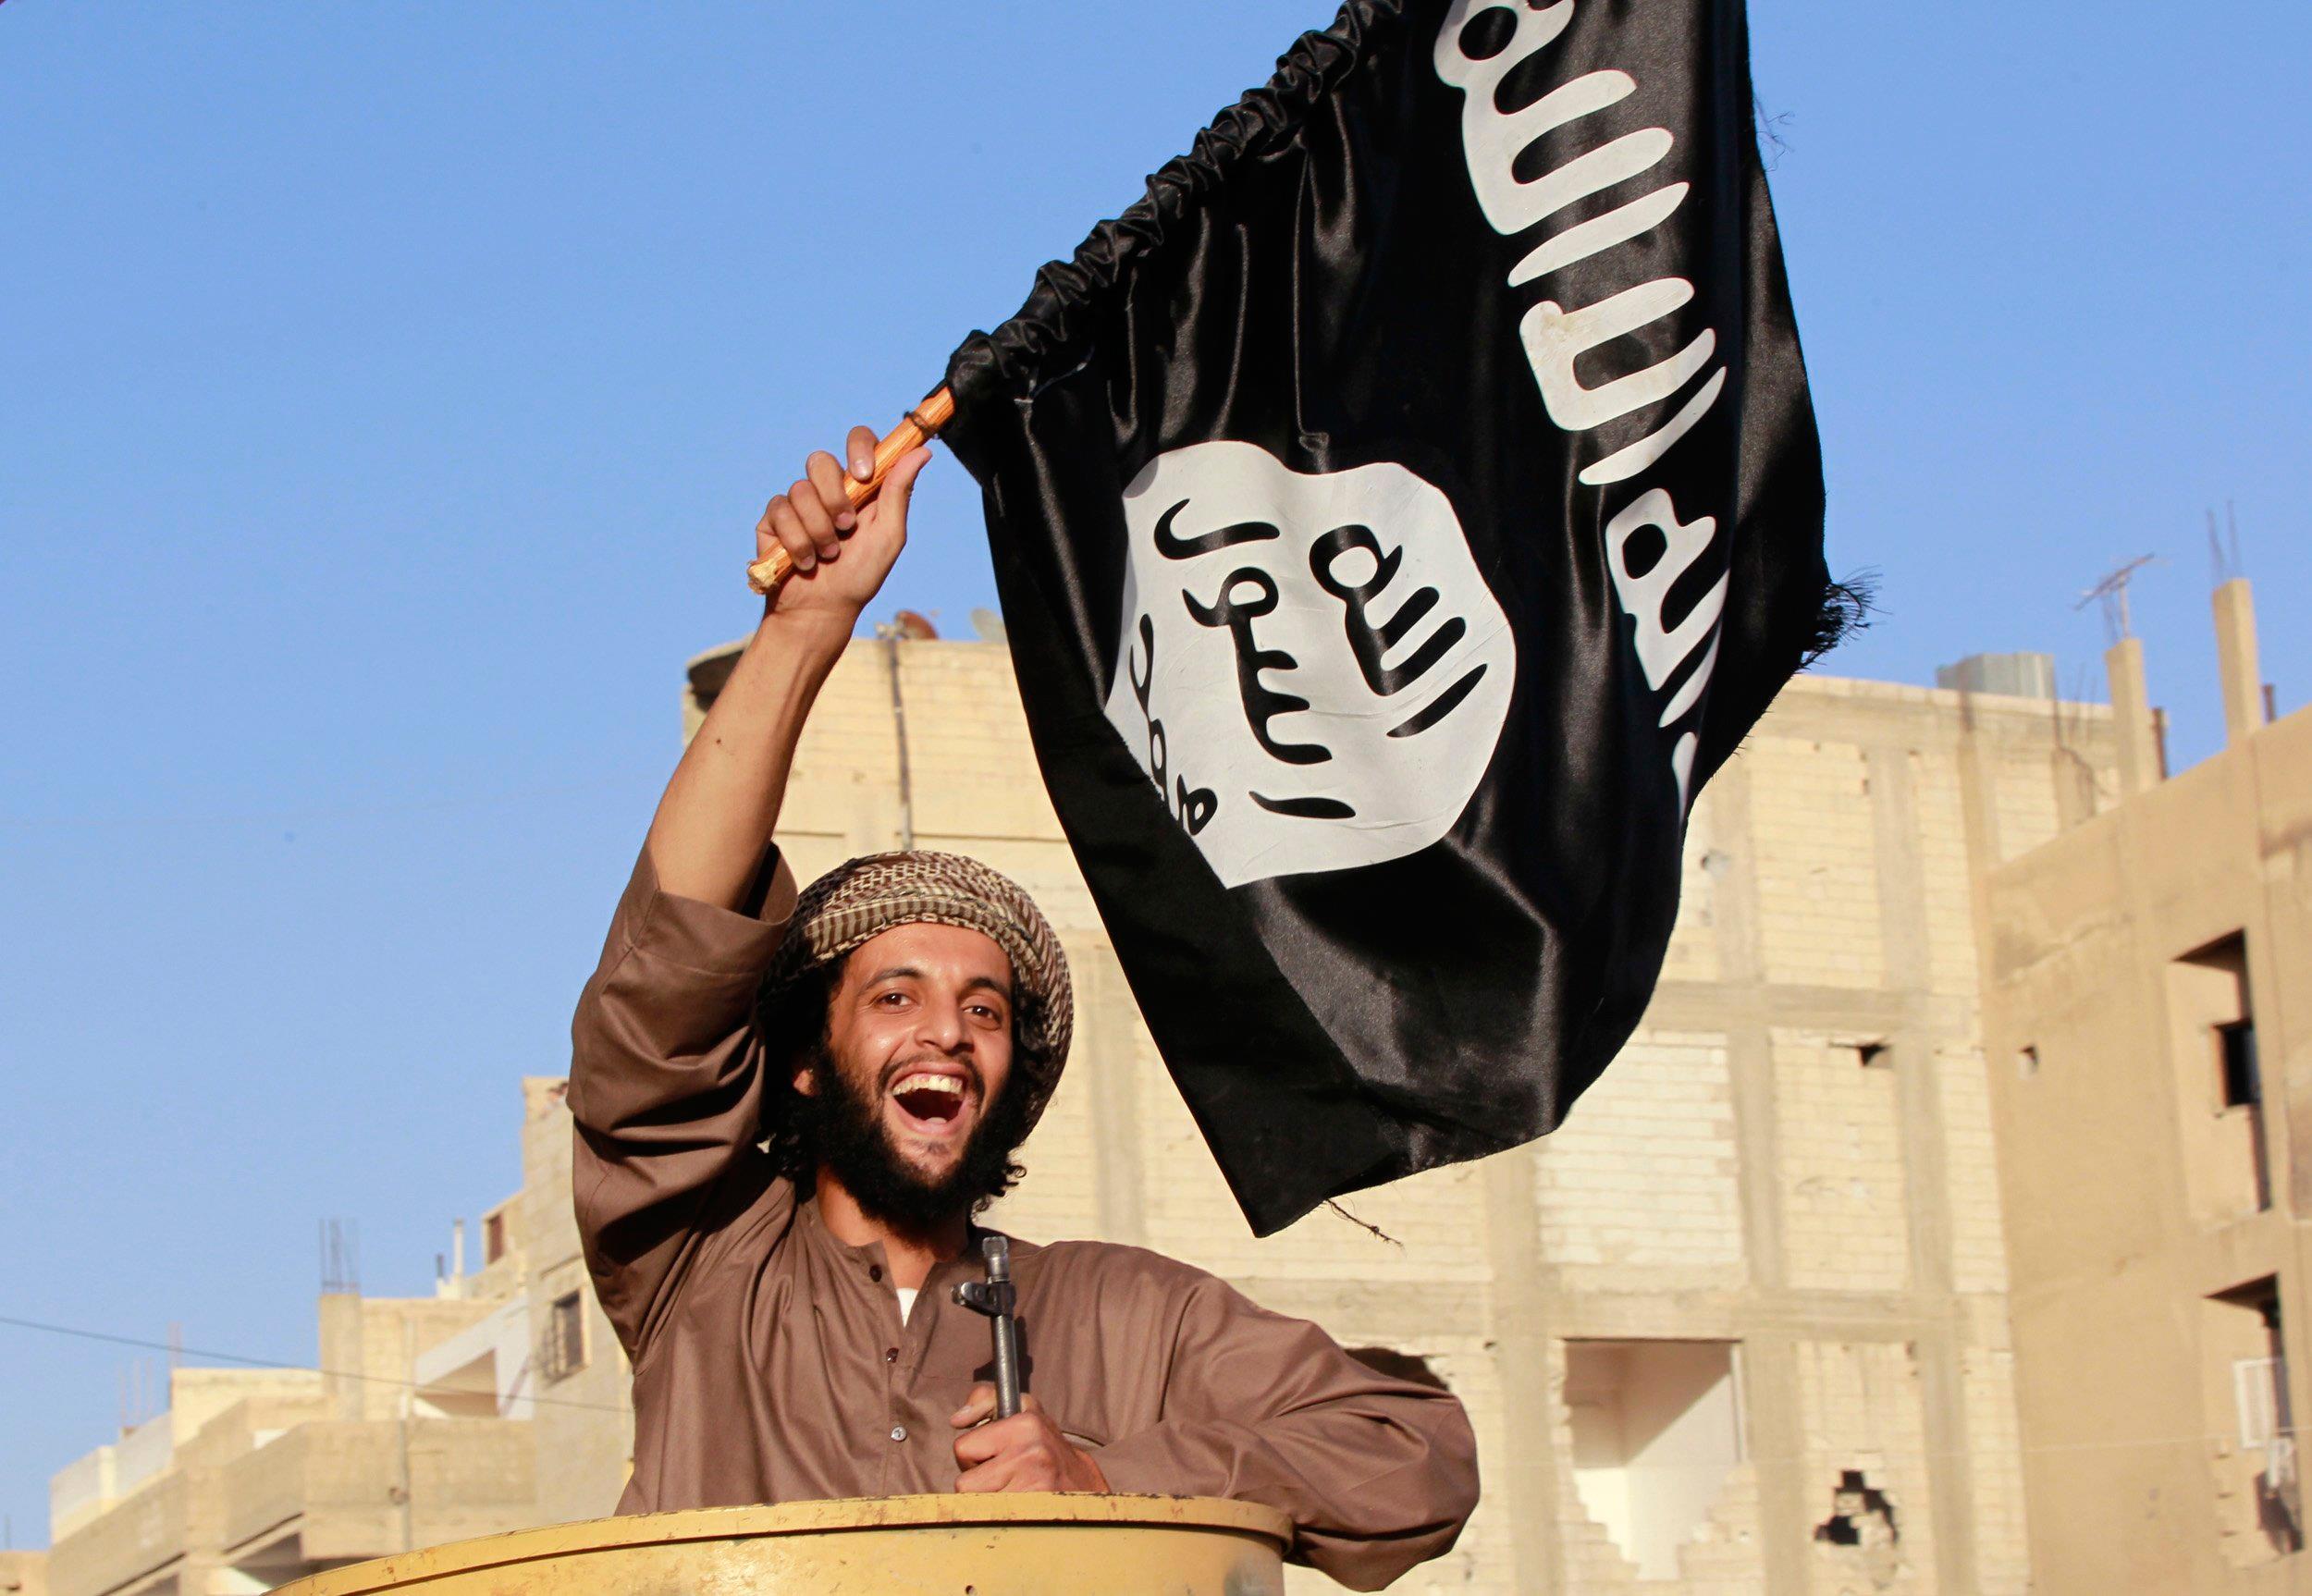 داعش مایهی ننگ بنیادگرایی راستین است